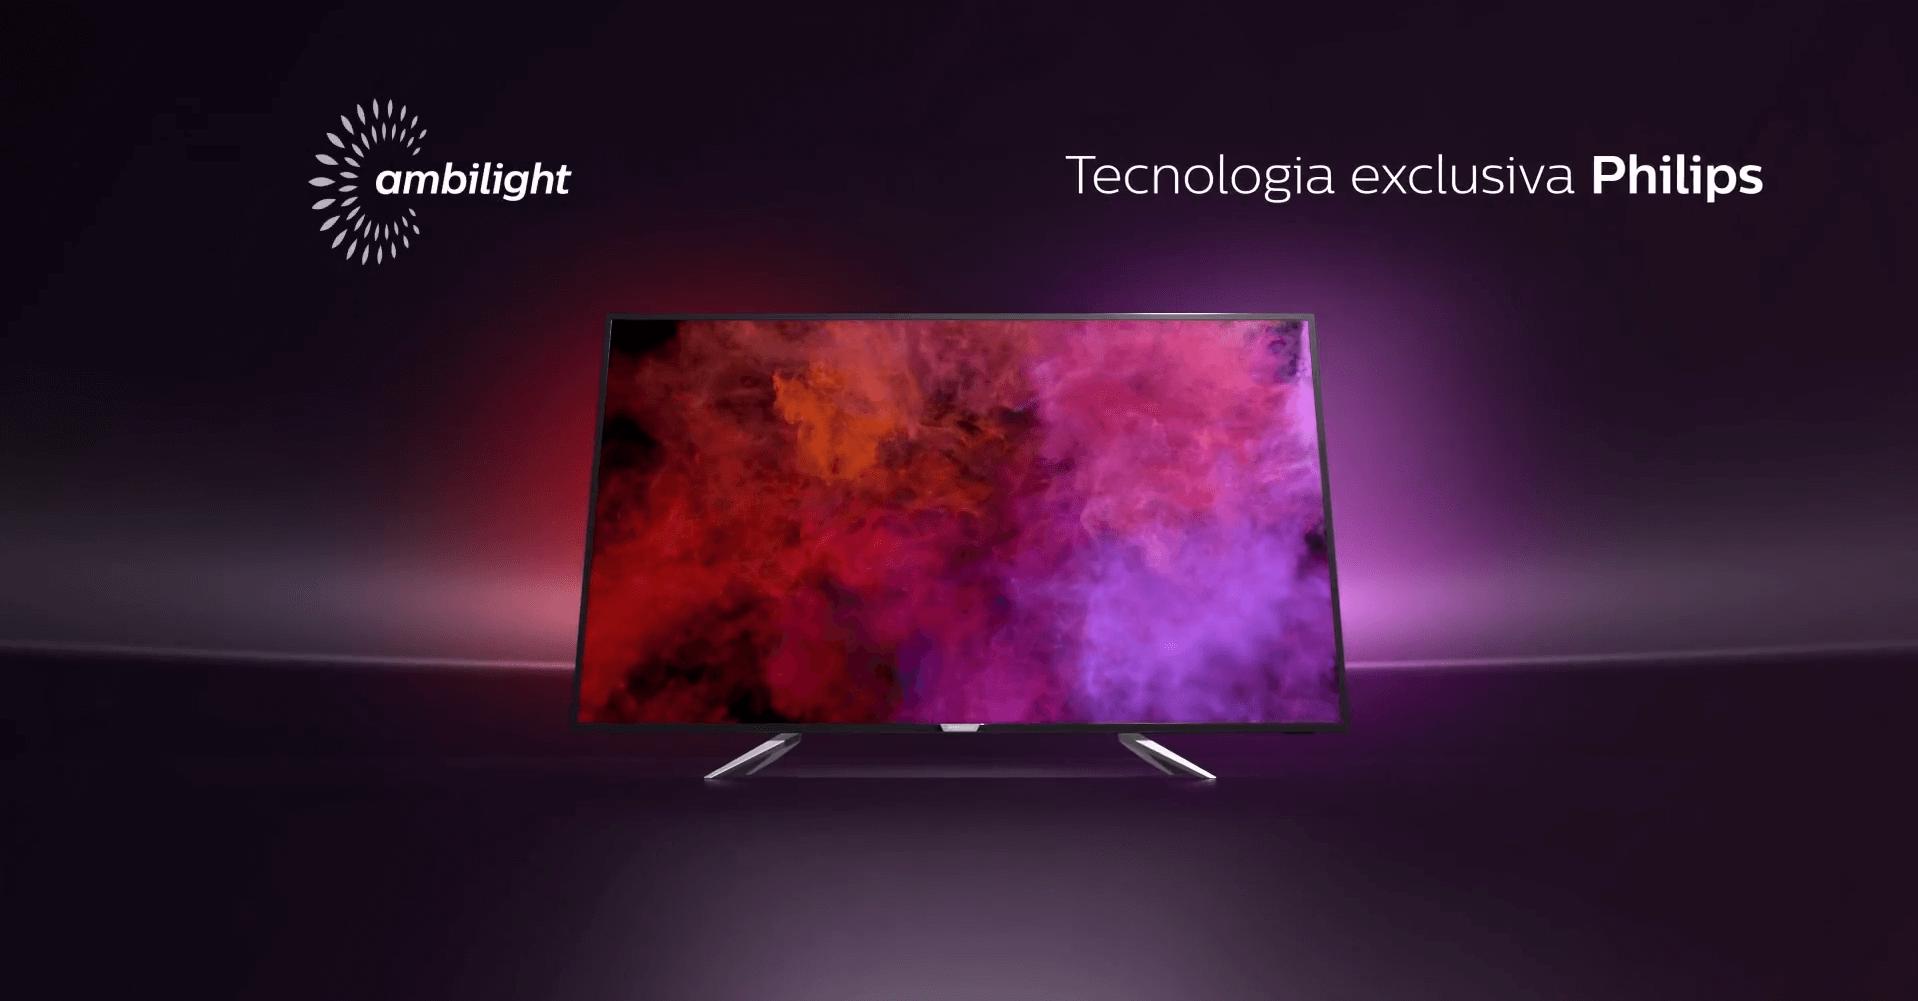 Captura de Tela 220 - Novas Smart TVs Philips com tecnologia Ambilight estão sendo produzidas no Brasil